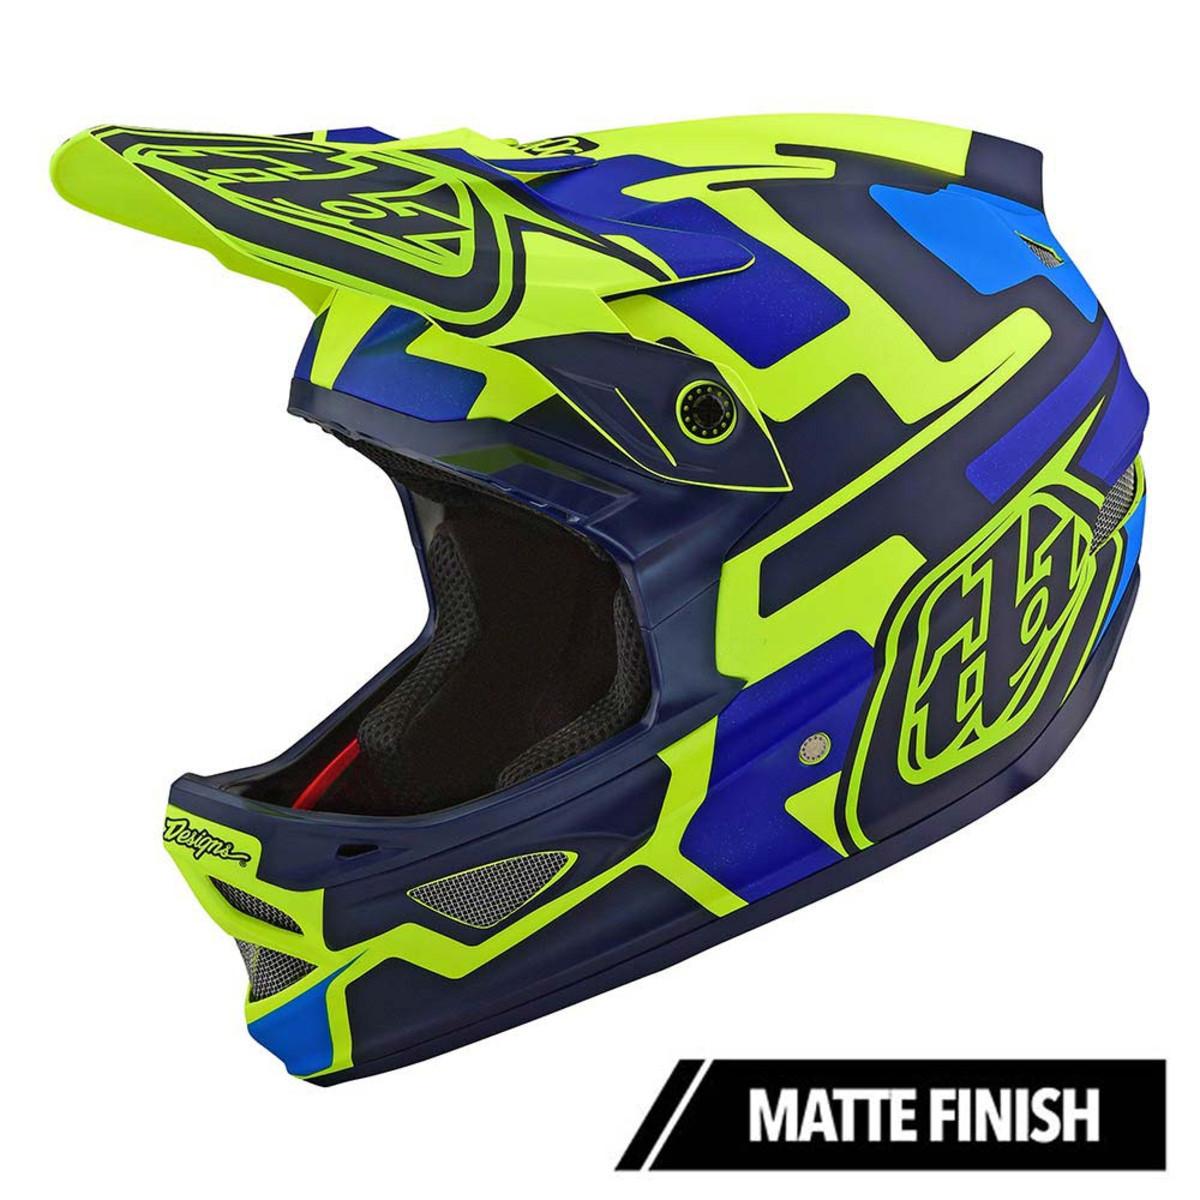 Вело шлем TLD D3 Fiberlite  Speedcode [YELLOW / BLUE] размер L